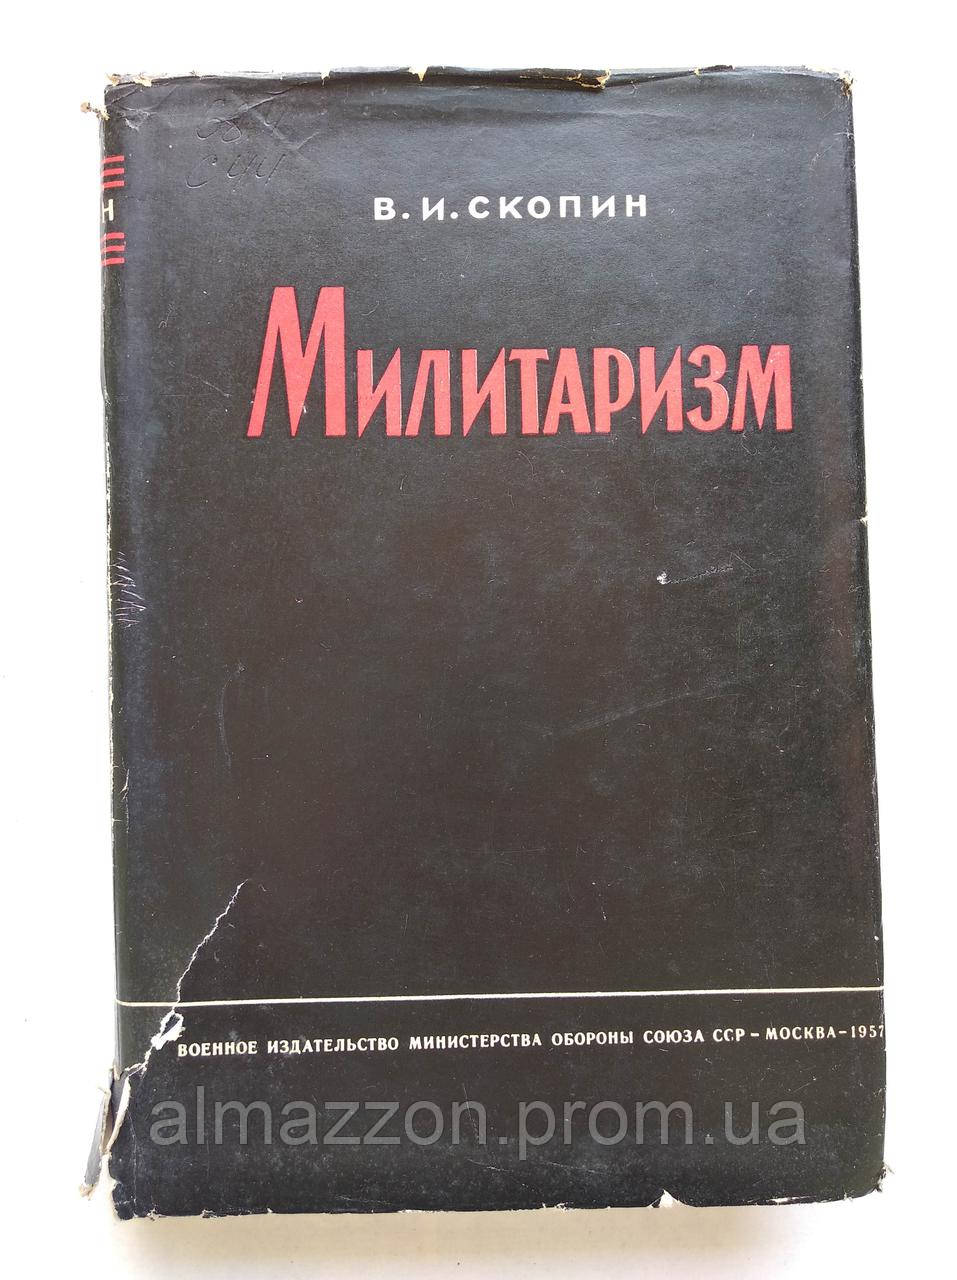 Скопин В. Милитаризм. Исторические очерки. Воениздат 1957 год